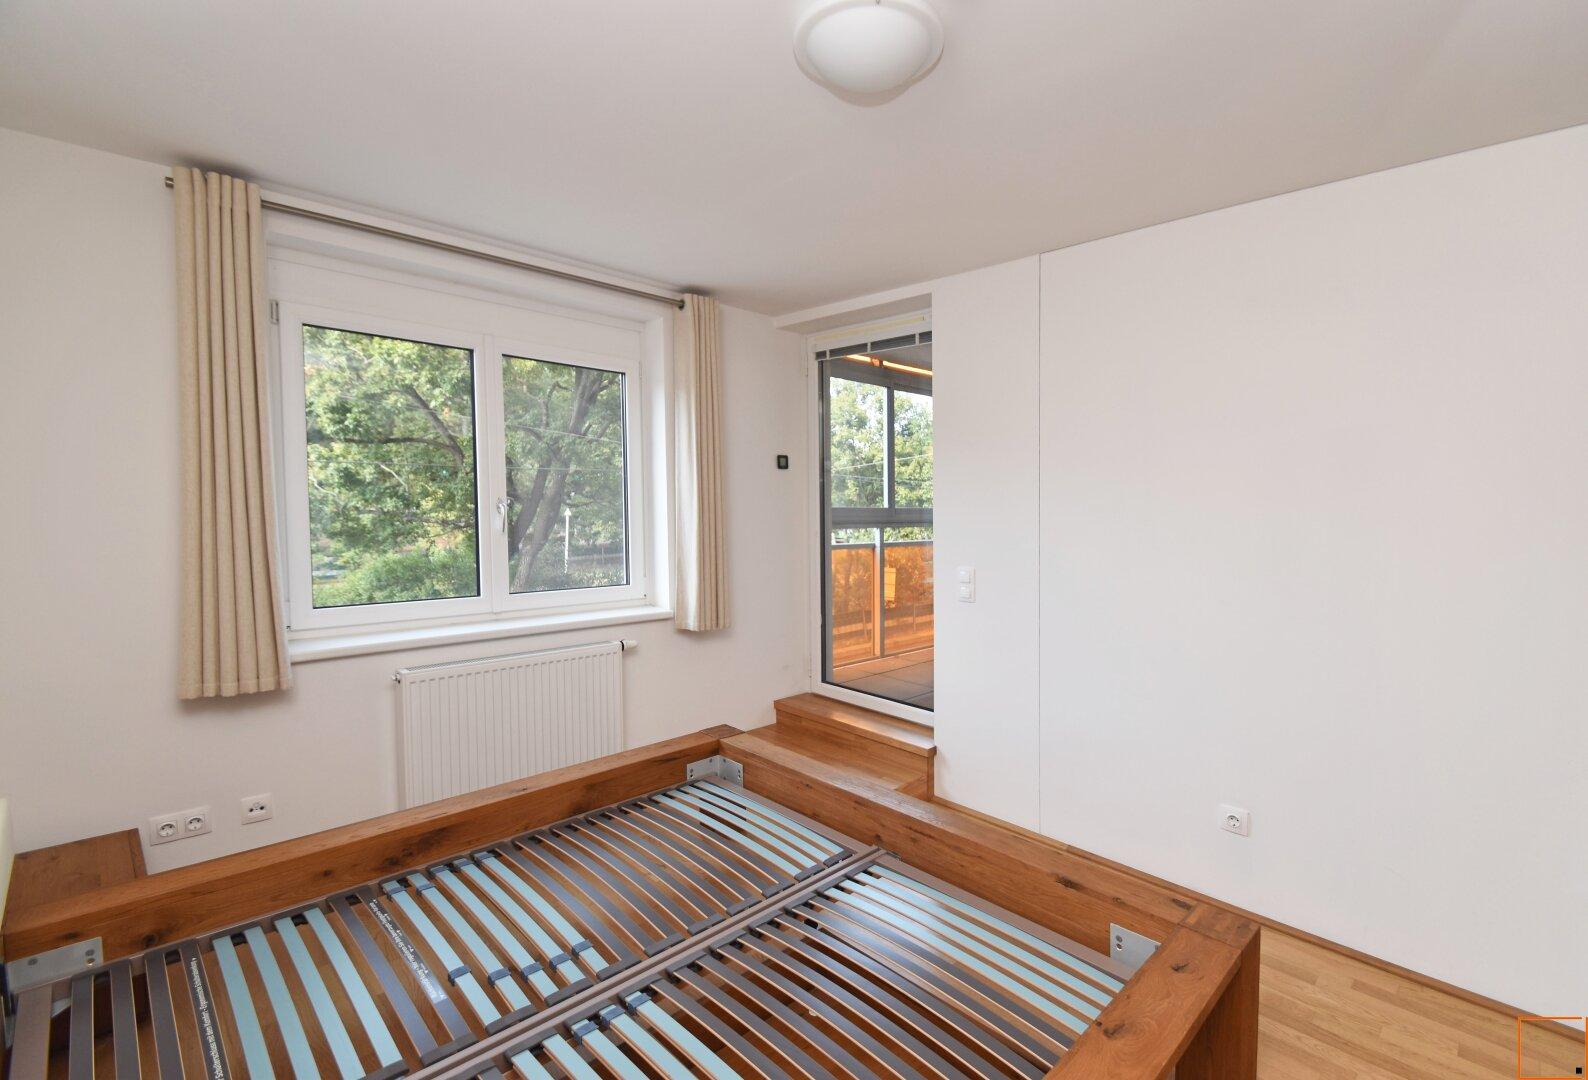 Schlafzimmer 13,44 m²